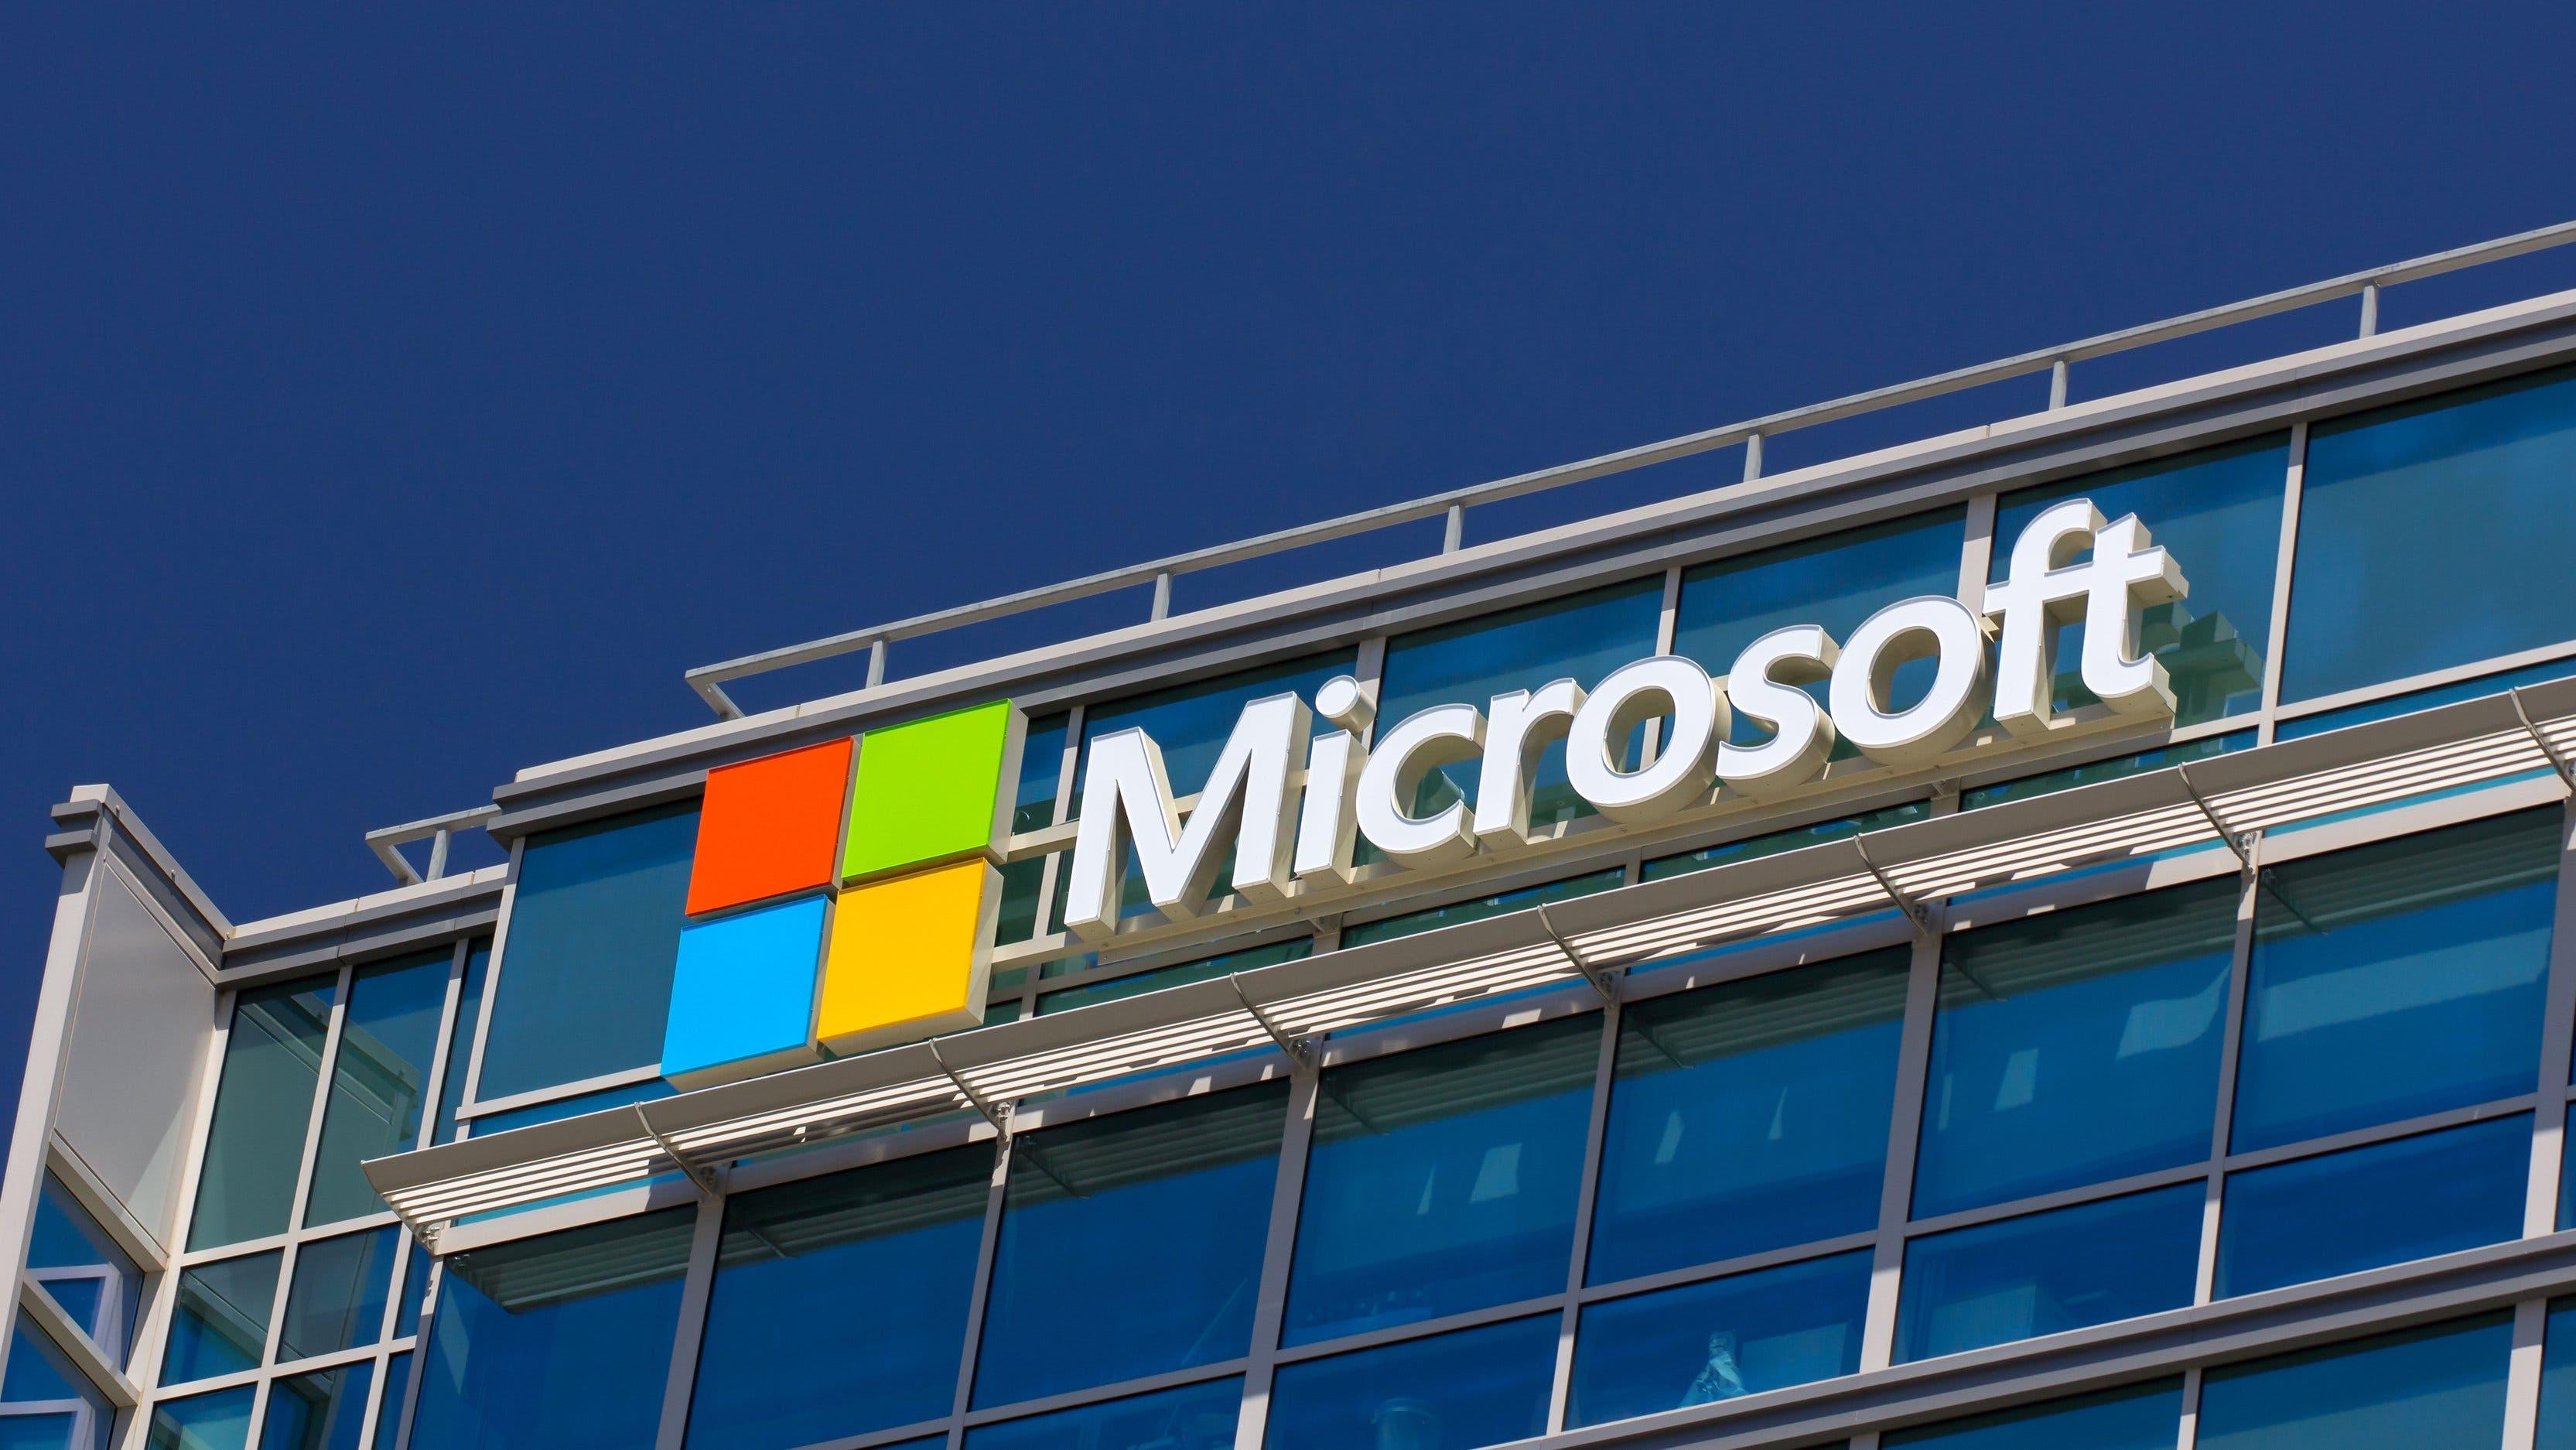 Microsoft expande sus operaciones en Irlanda y crea 600 nuevos empleos